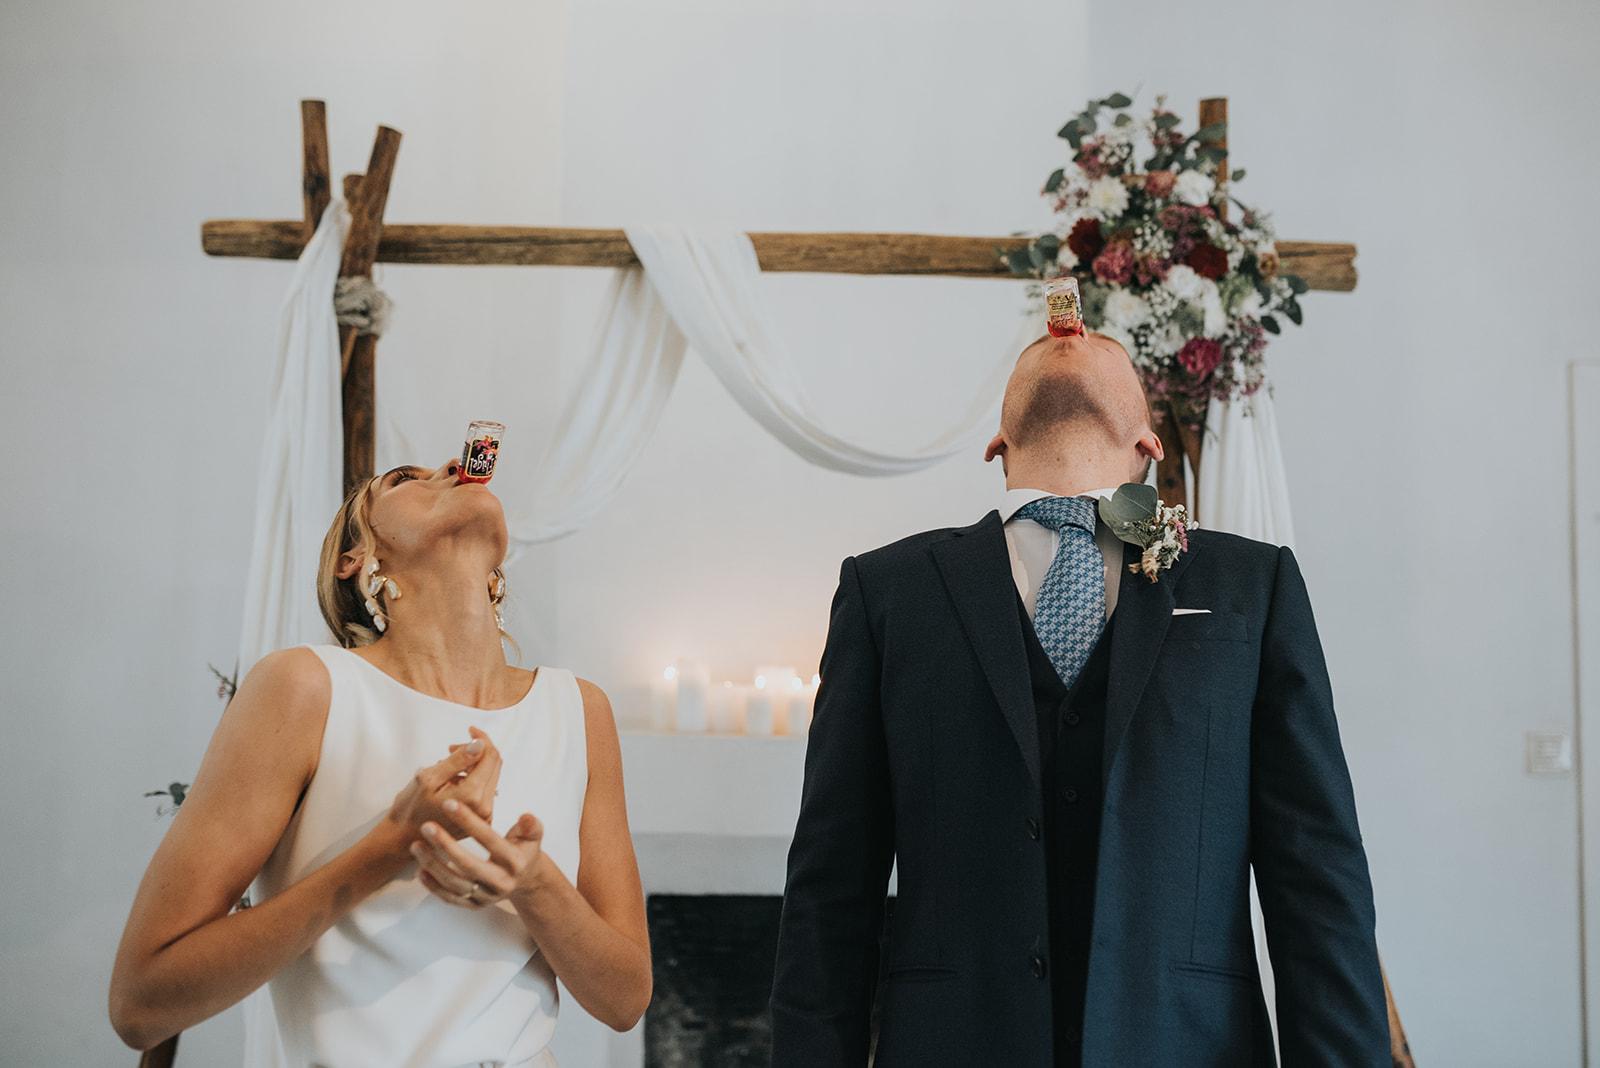 Maxime en Stijn persoonlijke authentieke ceremonie de kus